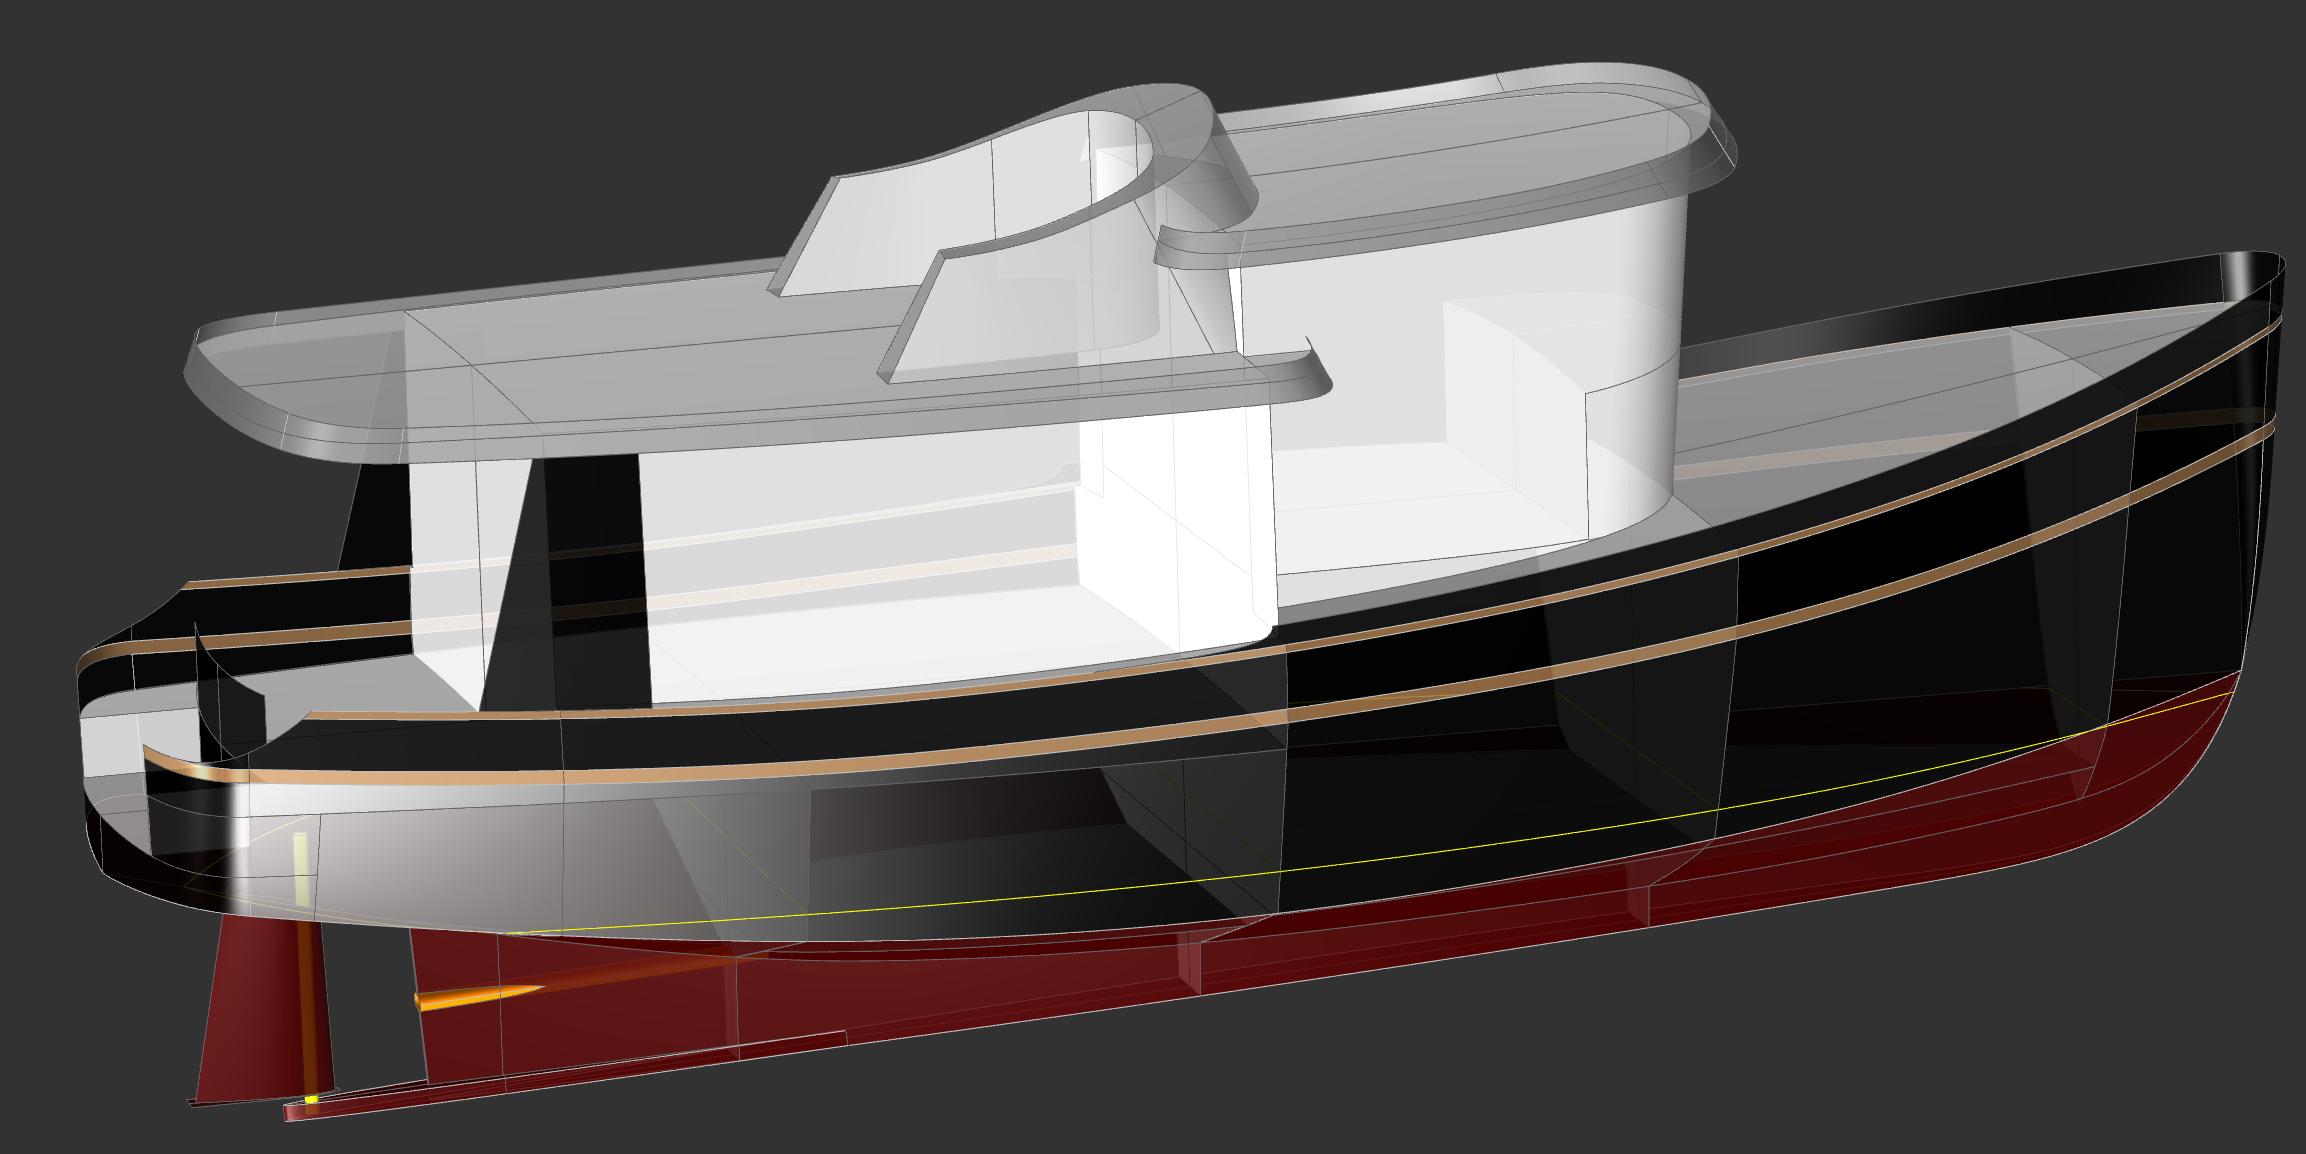 45 Widebody Motor Yacht Kasten Marine Design